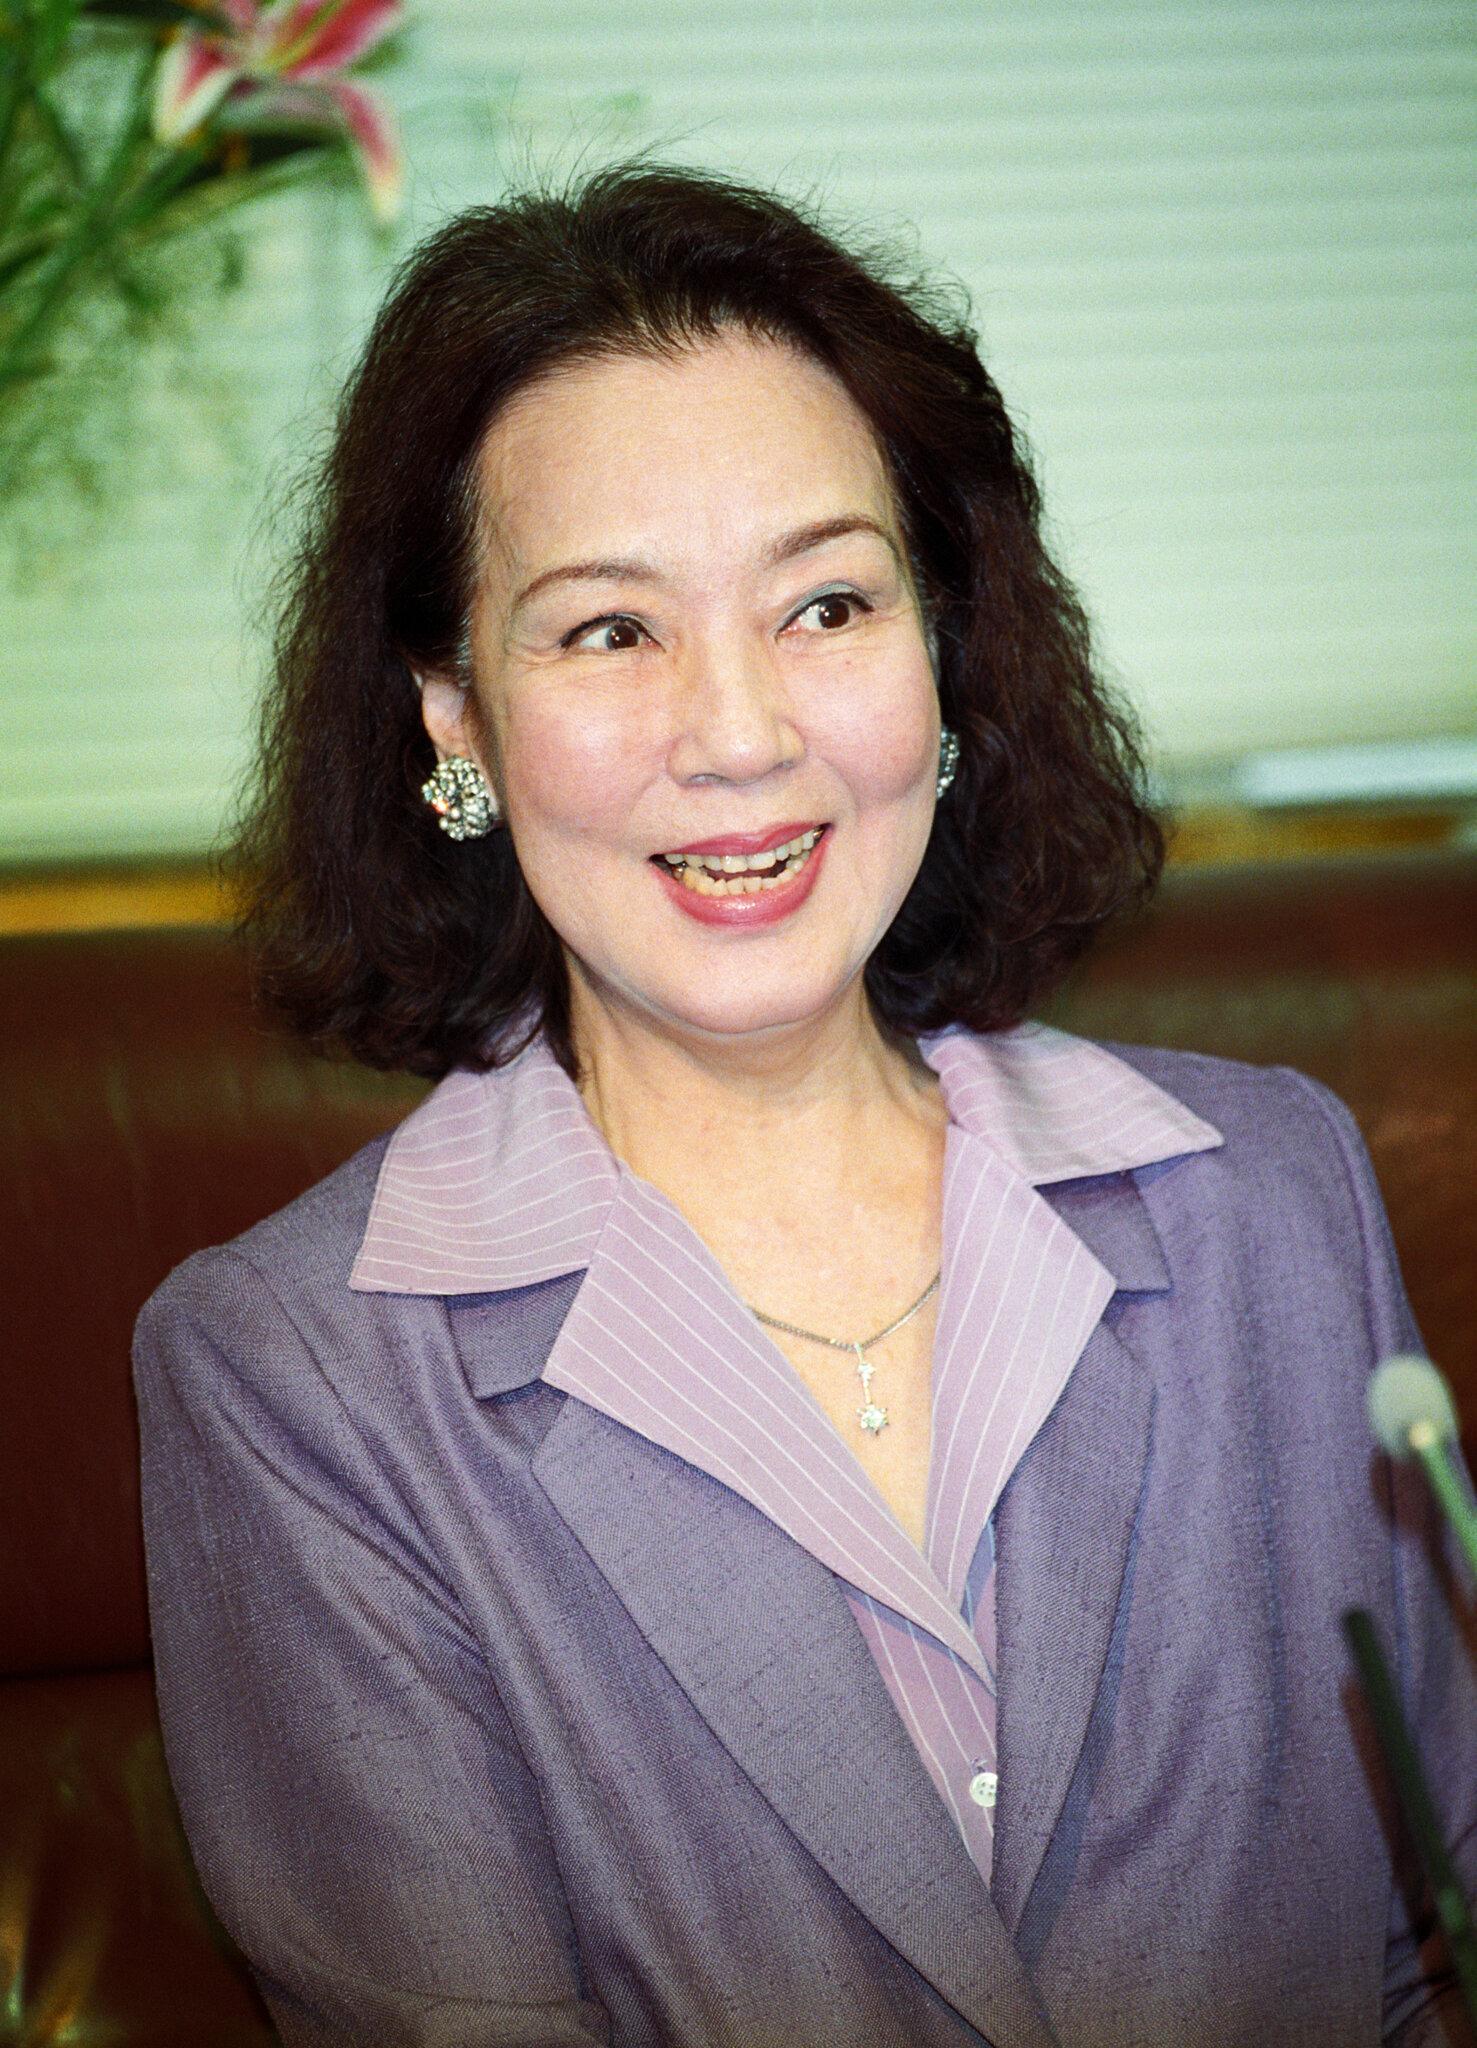 勲四等宝冠章受章の喜びを語る女優の京マチ子さん(東京・港区の大映テレビ)